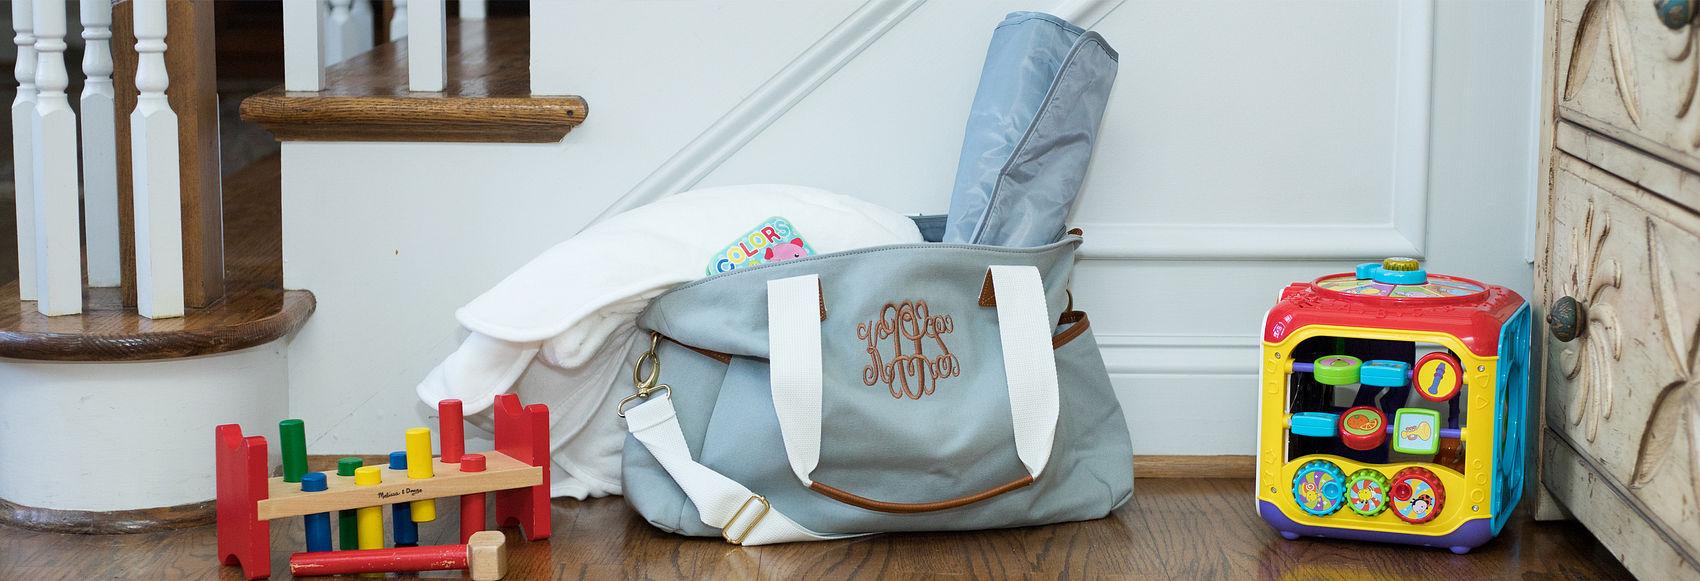 Monogrammed Diaper Bags